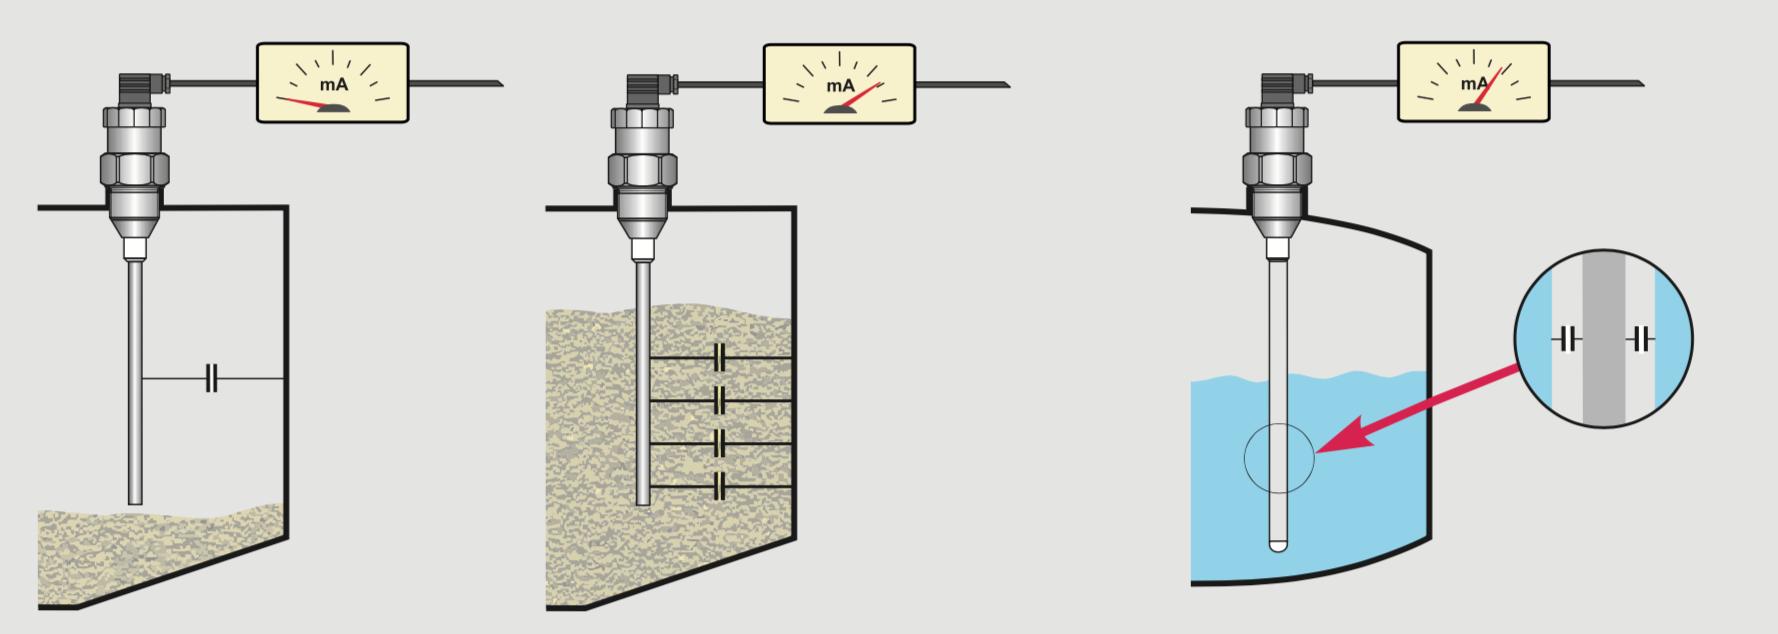 Cảm biến đo mức điên dung đo nước